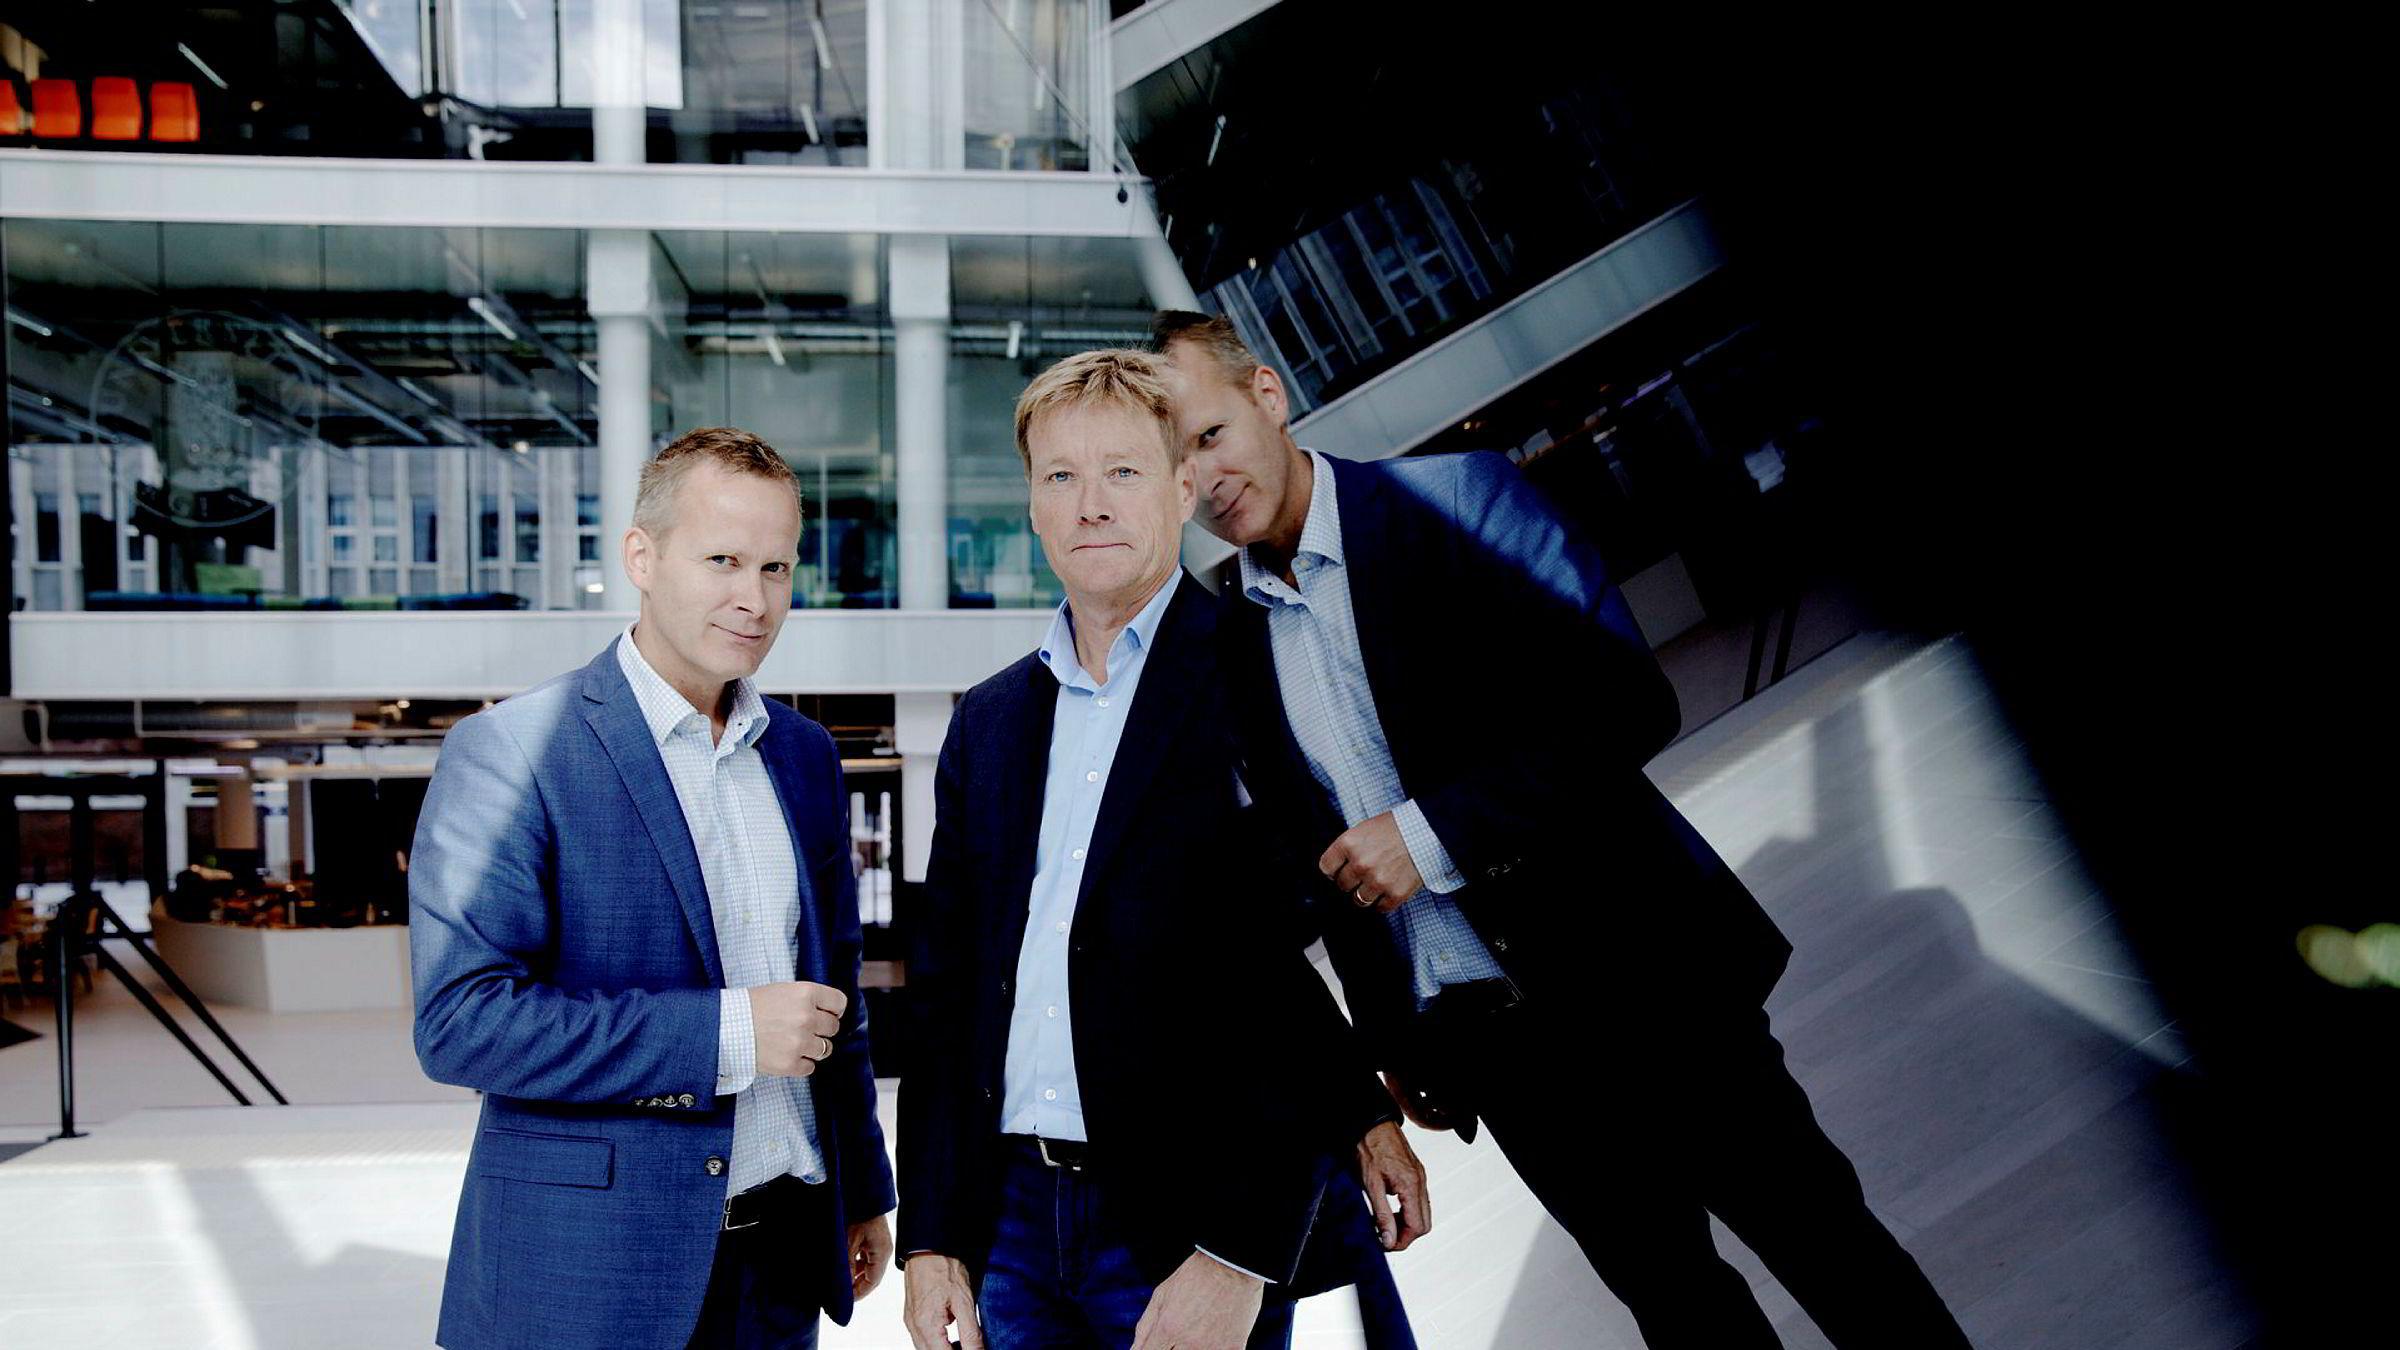 IBM flytter inn i Media City Bergen. Pressekontakt Otto Backer Solberg (til venstre) i IBM og regiondirektør Stein Irgens i IBM.